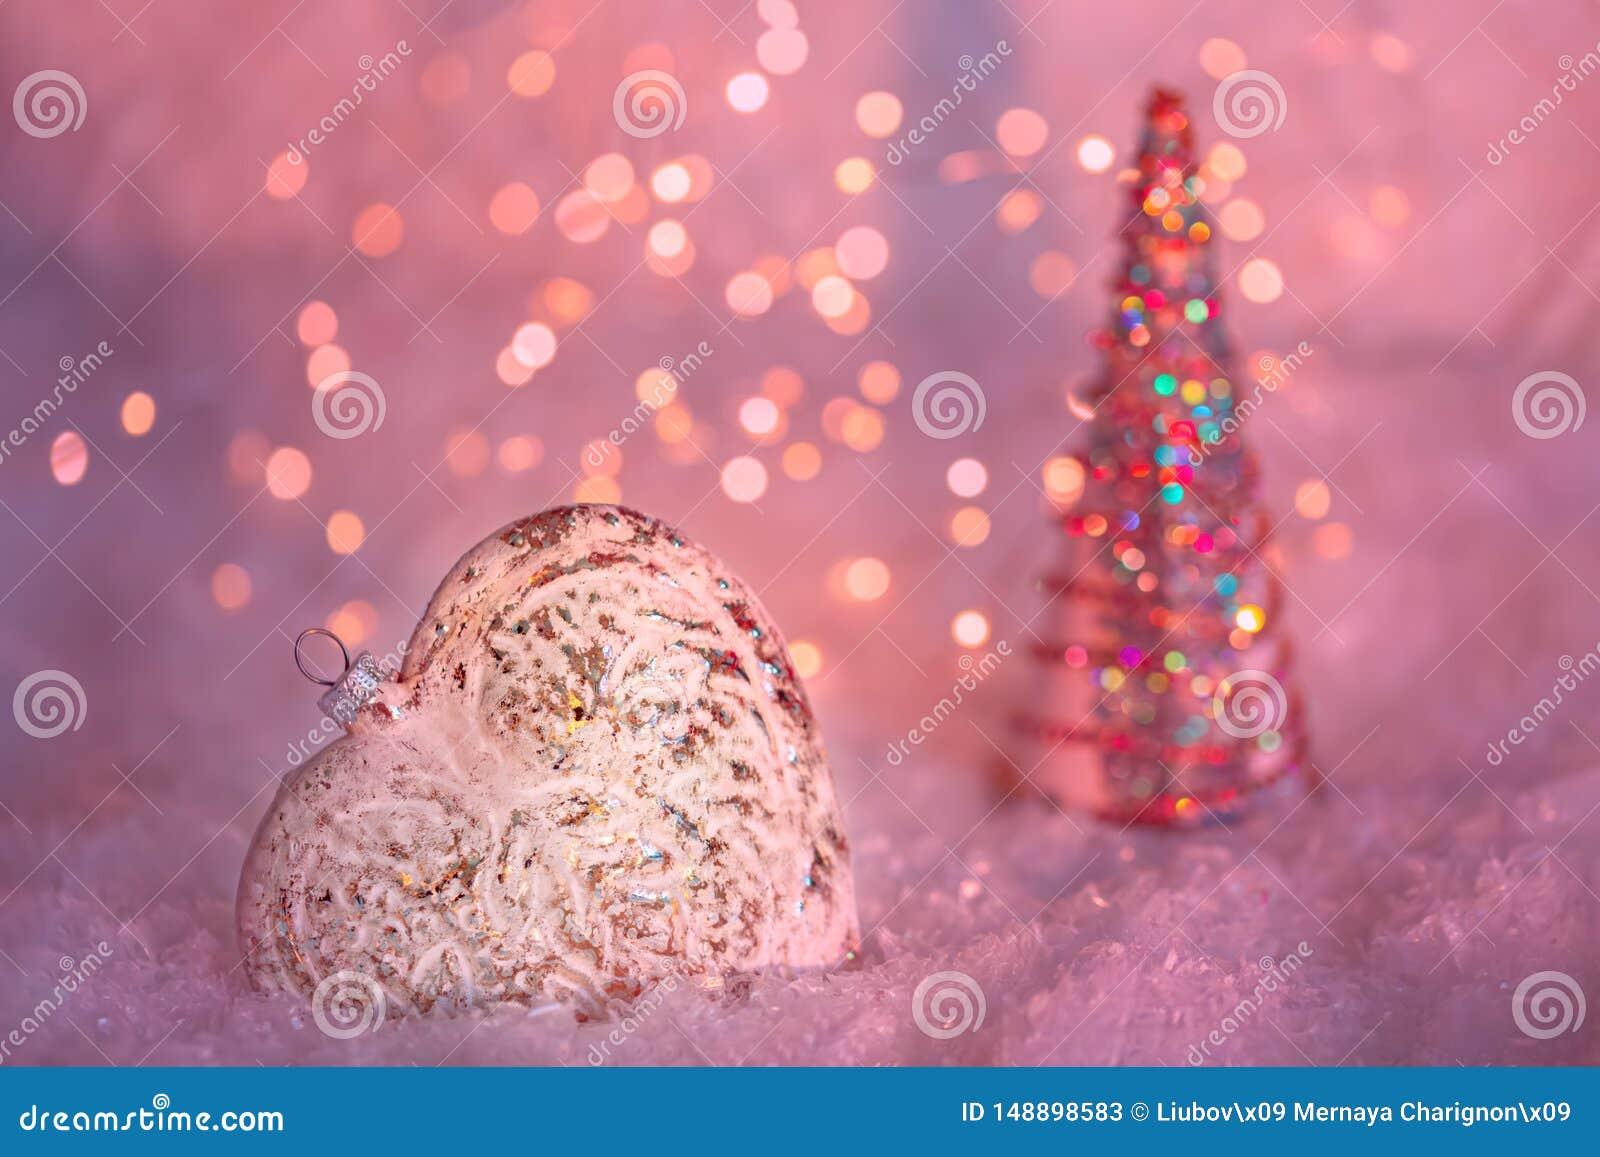 Coração de vidro em uma neve e fundo cor-de-rosa borrado tonificado do bokeh de brilho com luzes de incandescência Decora??o do N